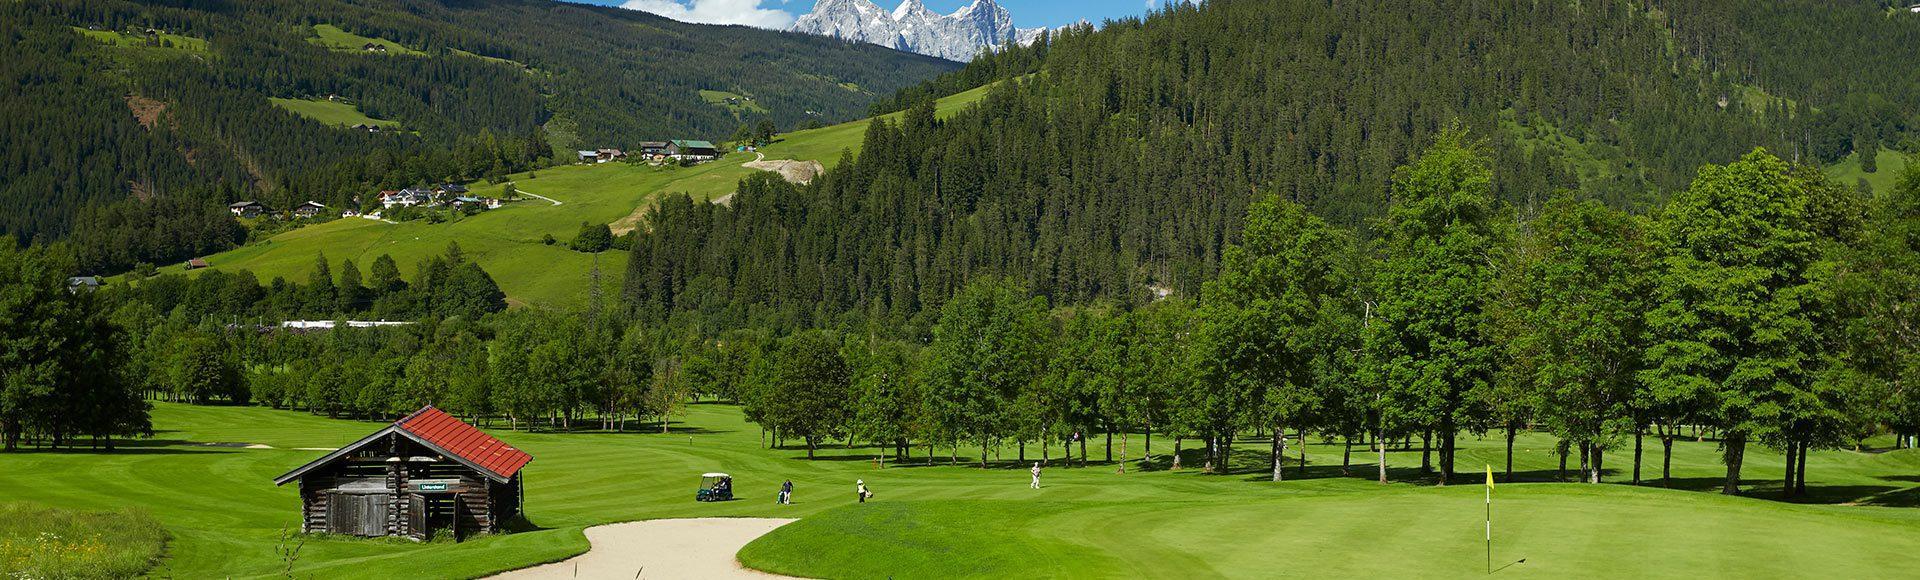 Golfpauschale Lang